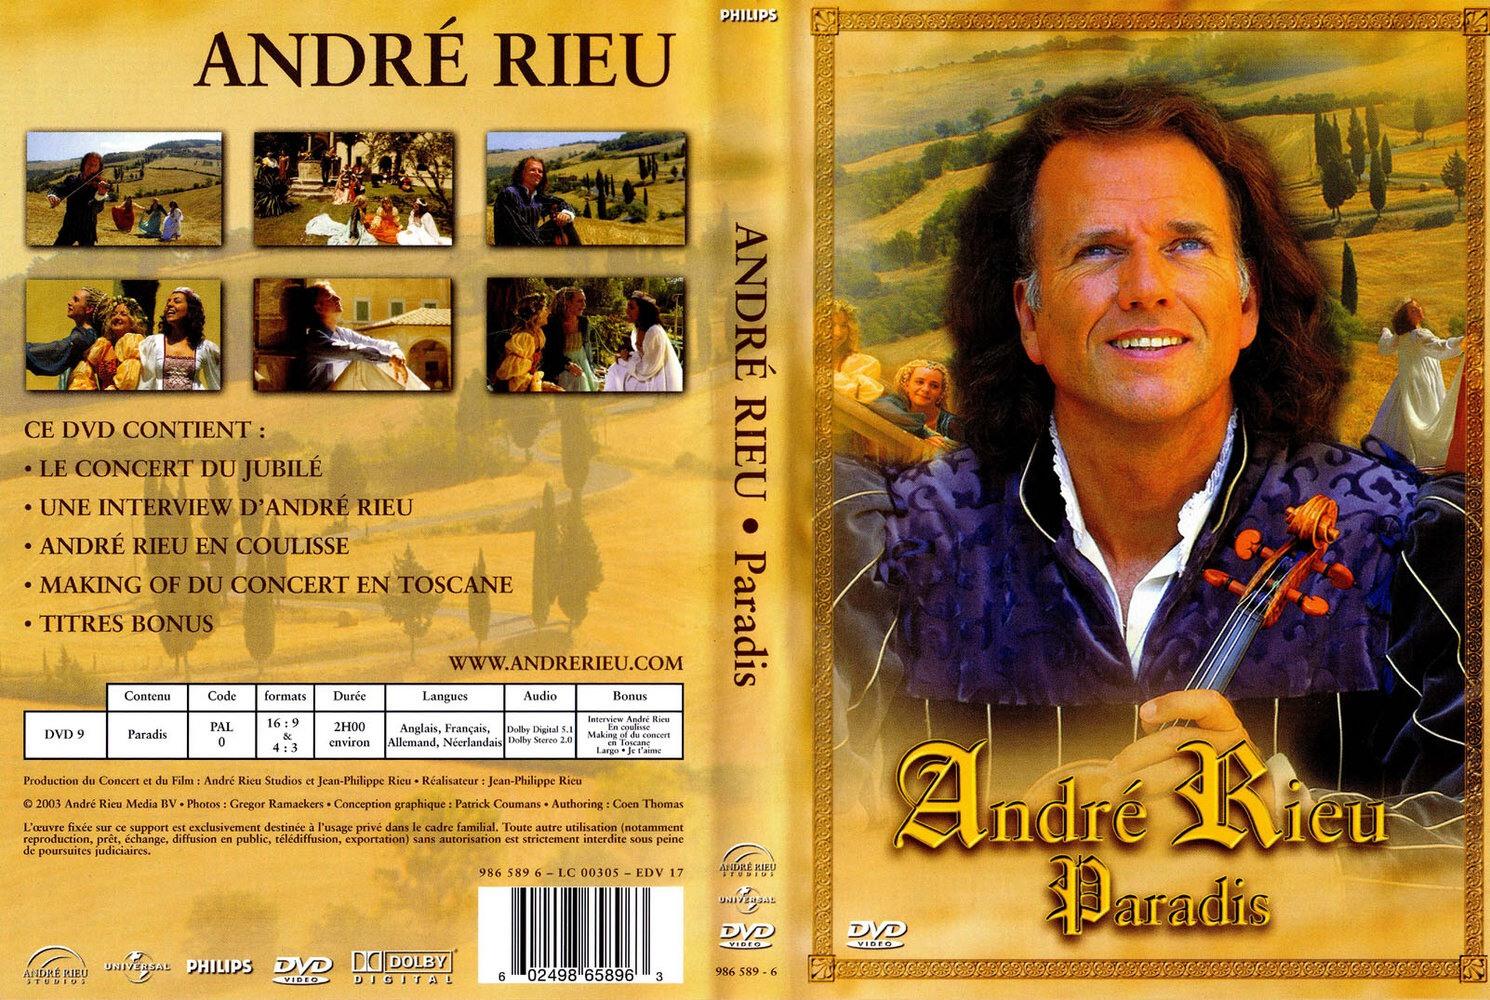 http://4.bp.blogspot.com/_se0zHB8H7oU/S_L9S4hkuSI/AAAAAAAACZw/C7XJwReXOd8/s1600/Andre+Rieu+-+Paradis+-+Cover.jpg